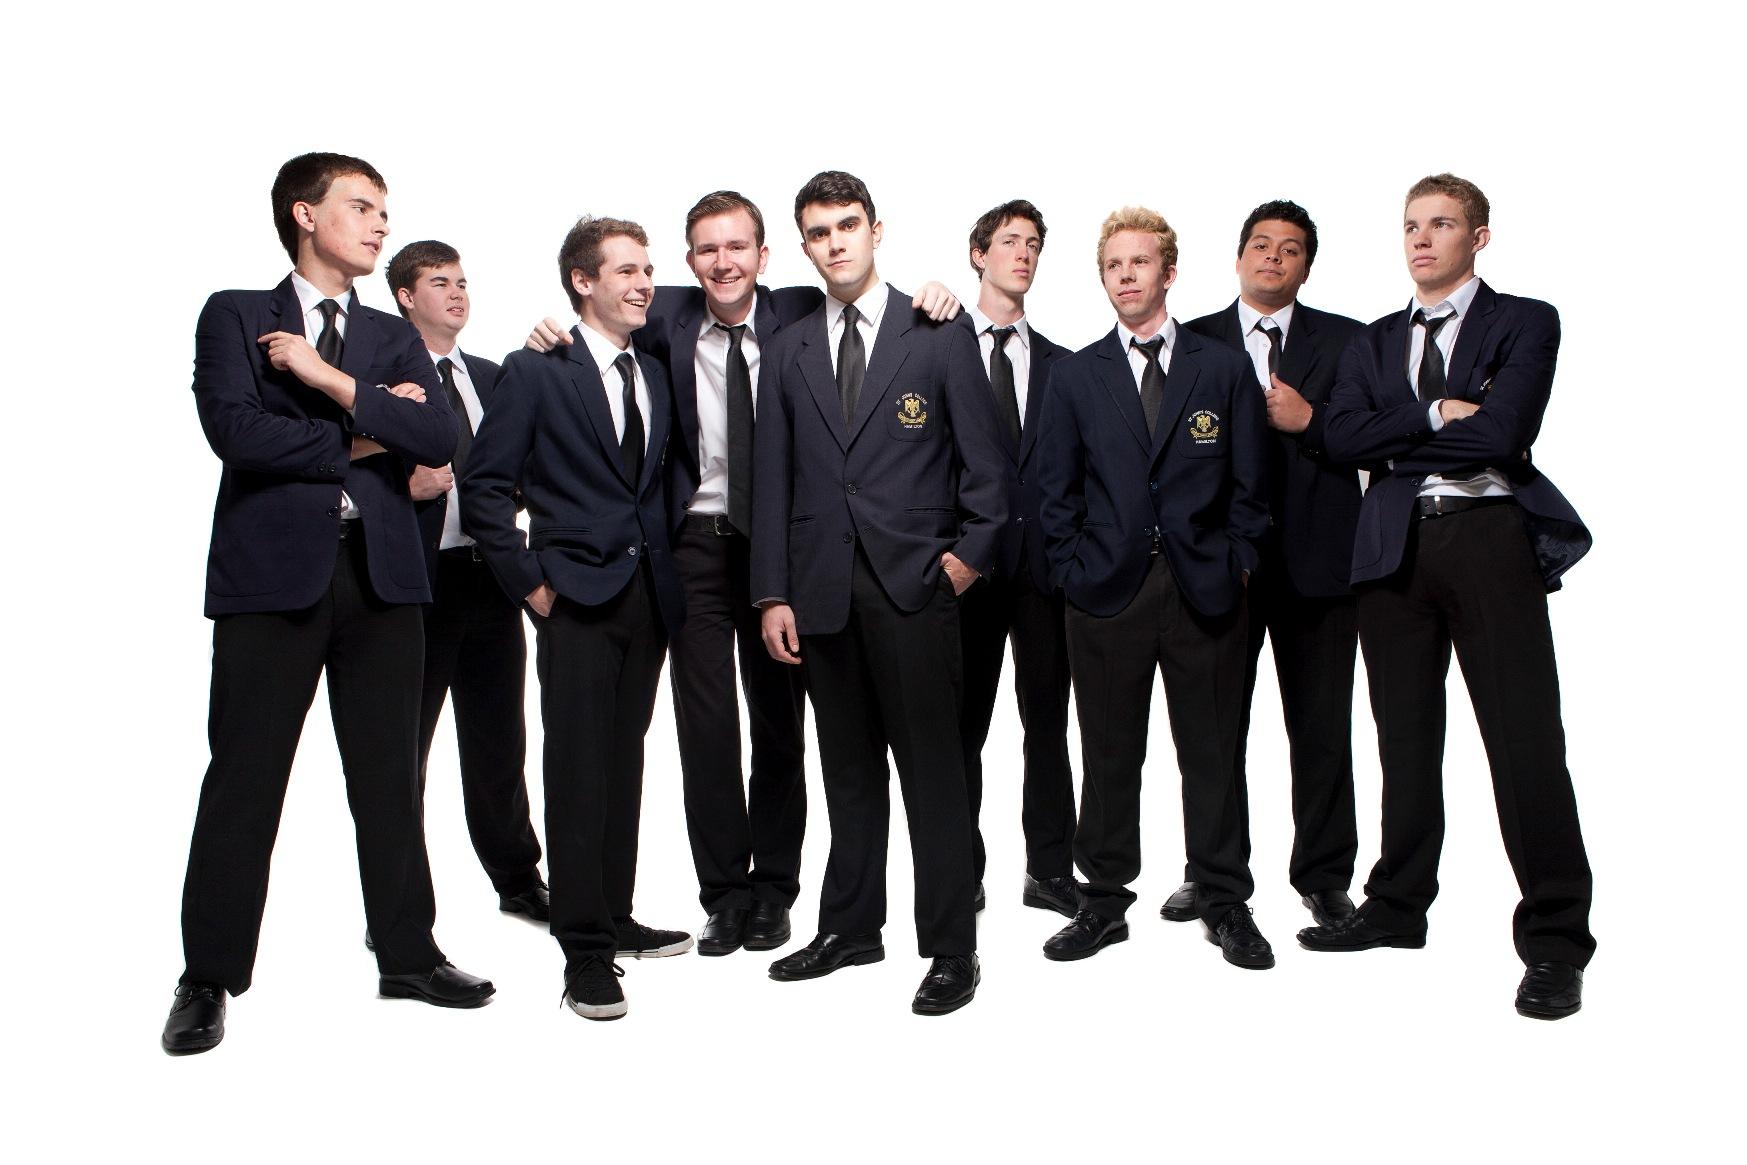 The History Boys - 30 August - 7 September 2013